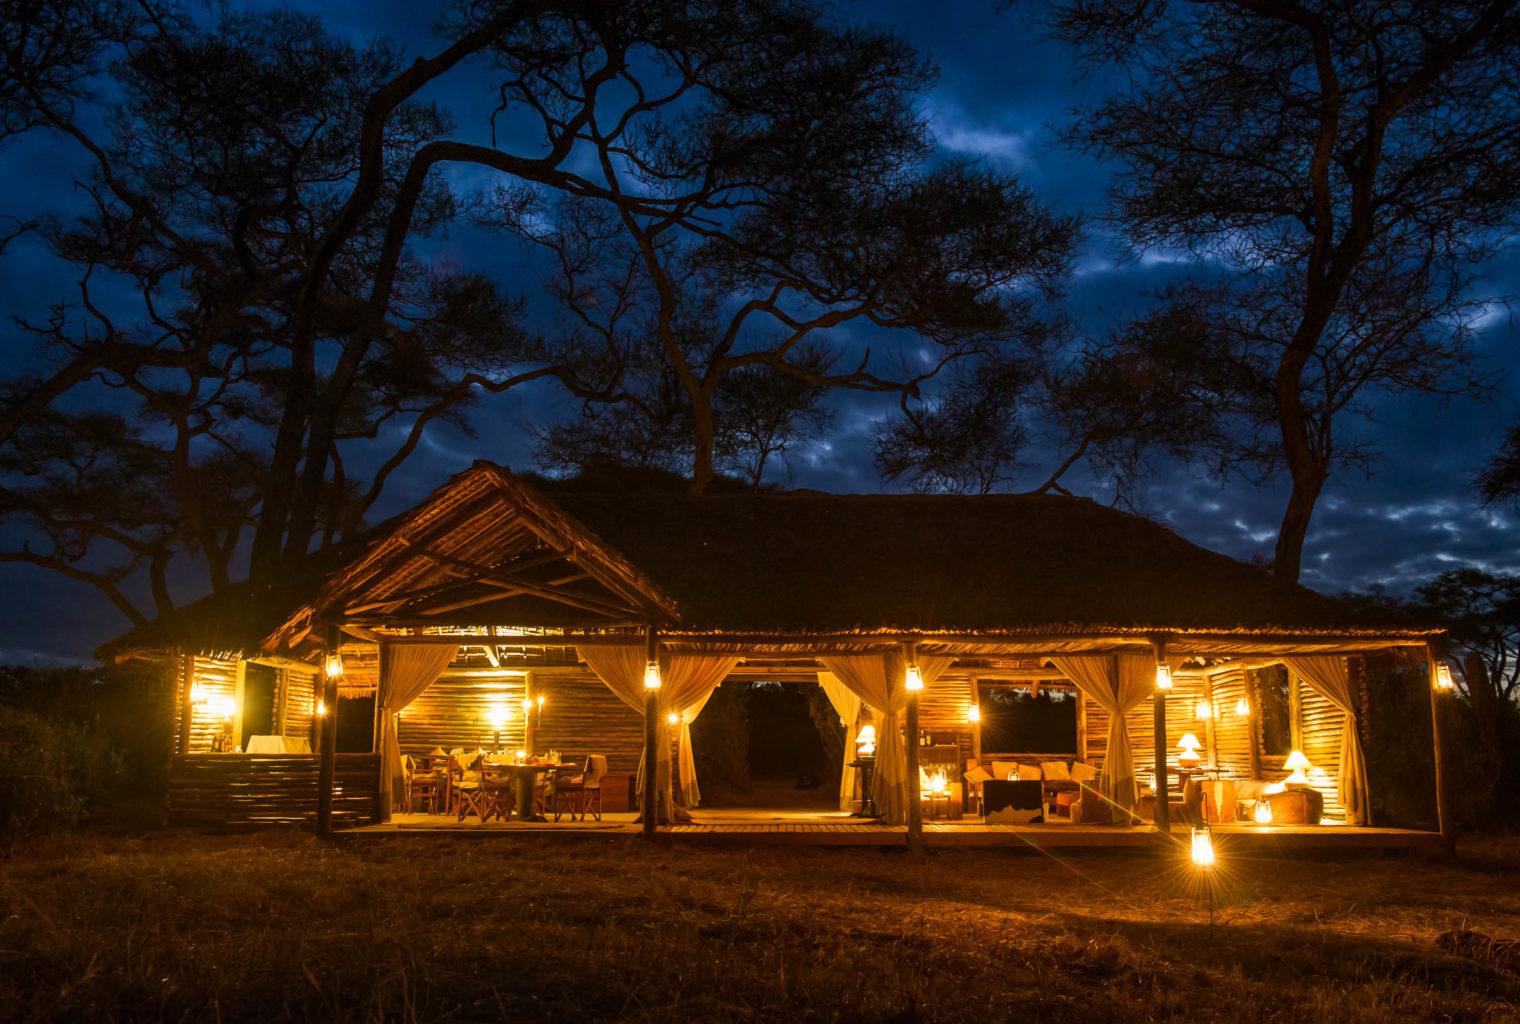 Kuro Tarangire Tanzania Exterior Night